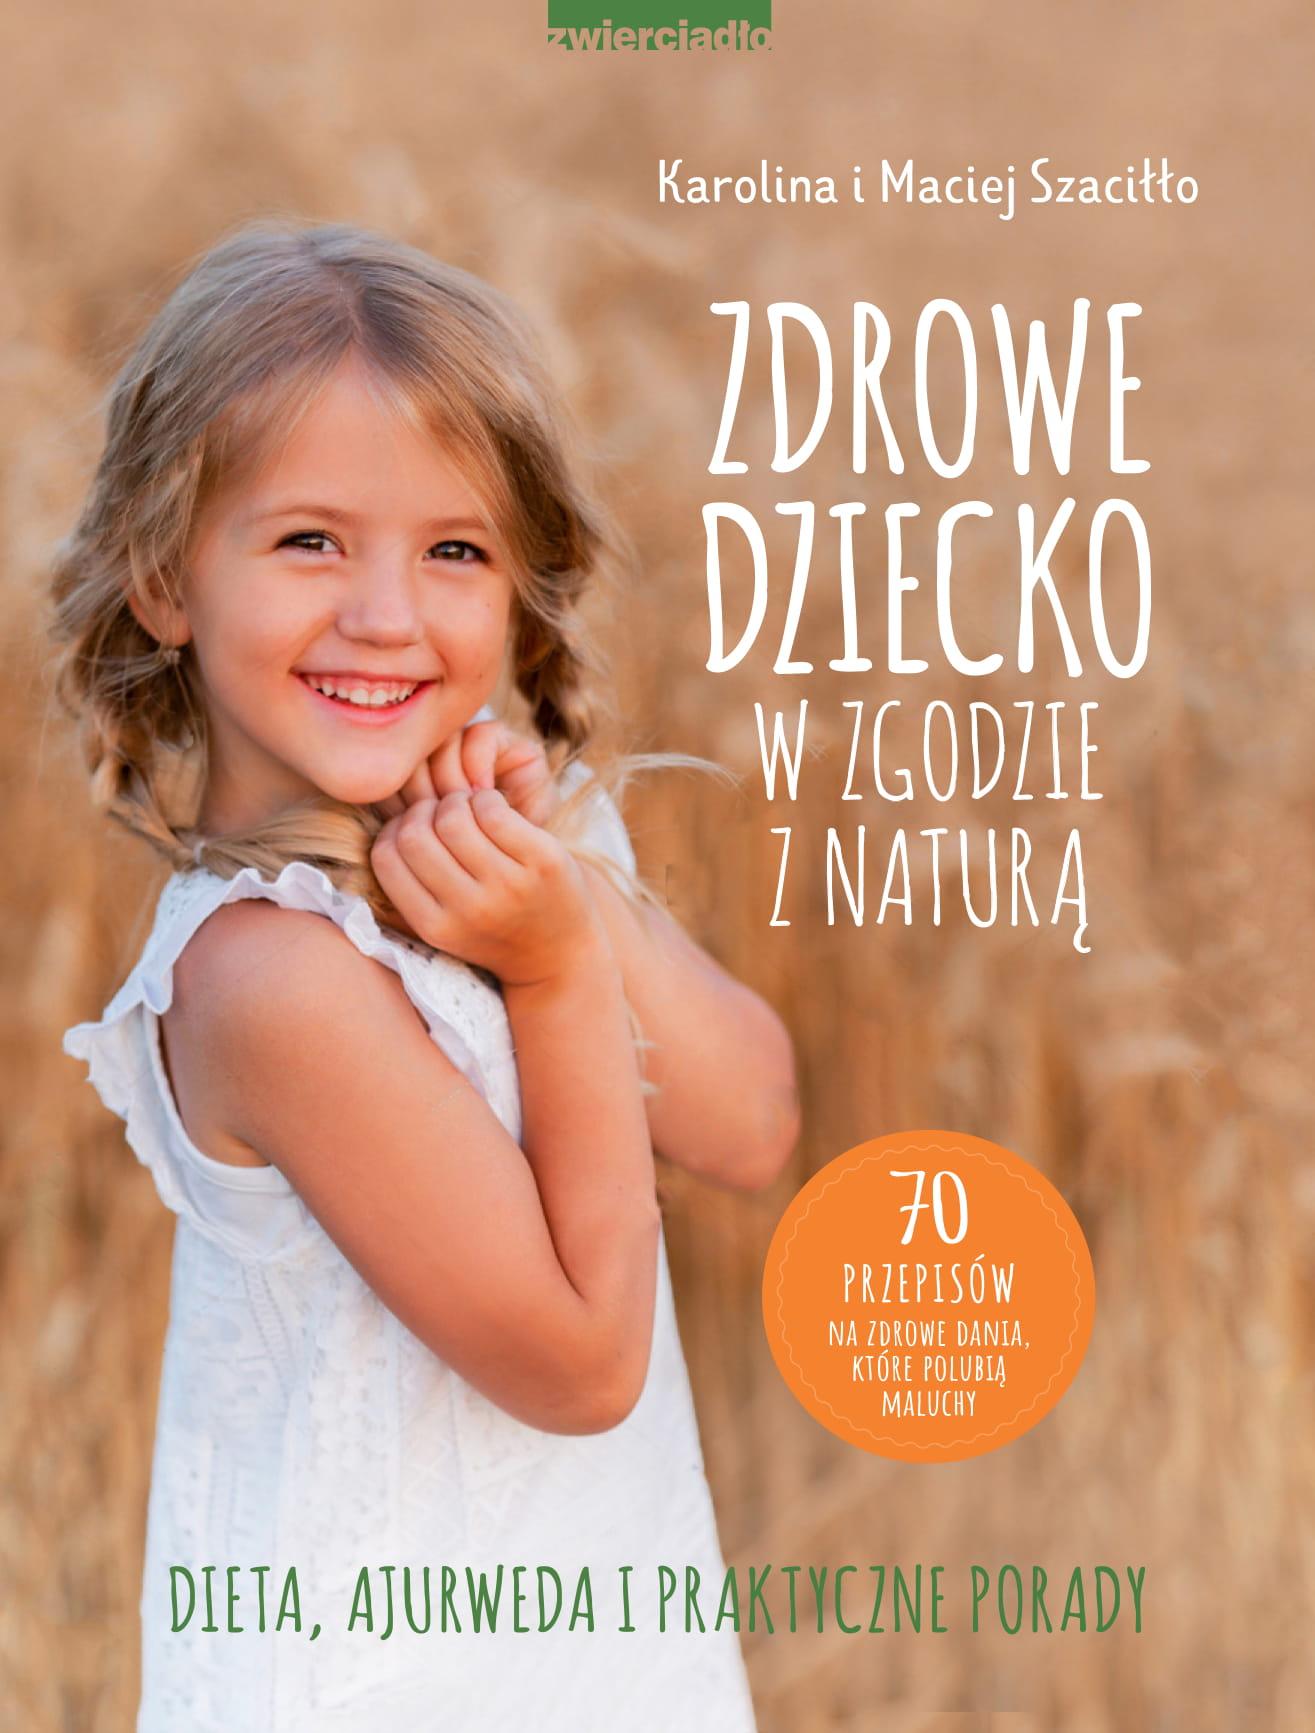 Zdrowe dziecko w zgodzie z naturą